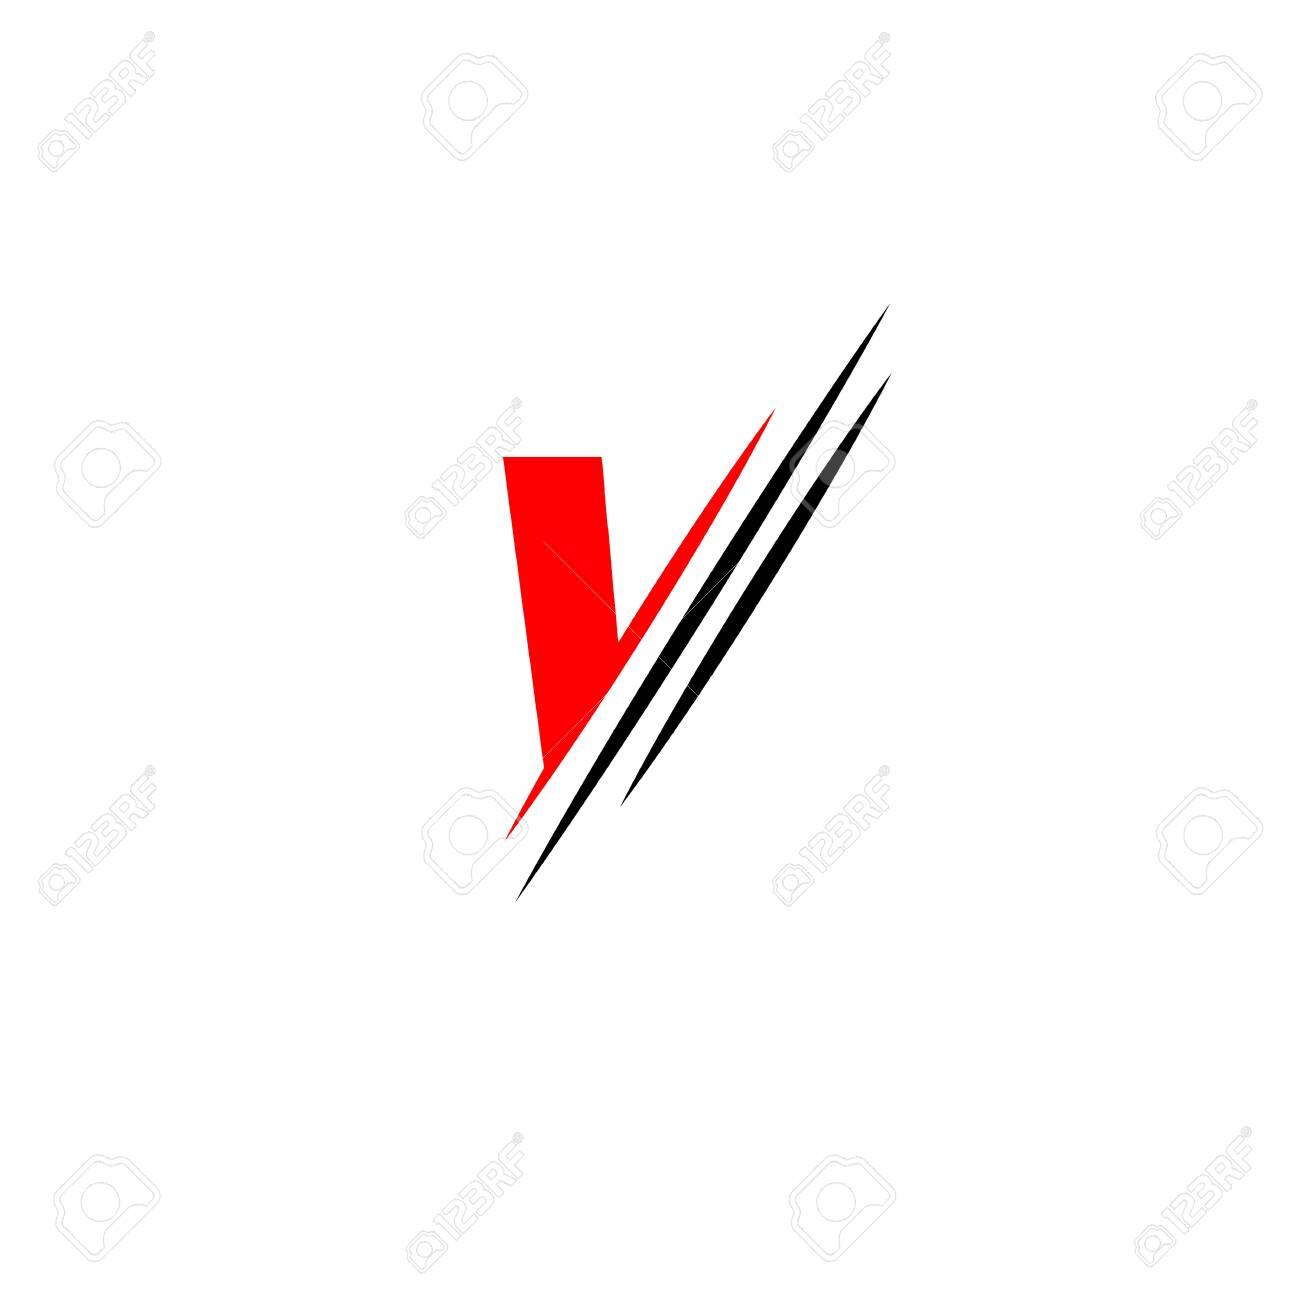 Letter V logo graphic elegant and unique sliced design template Vector - 129027053